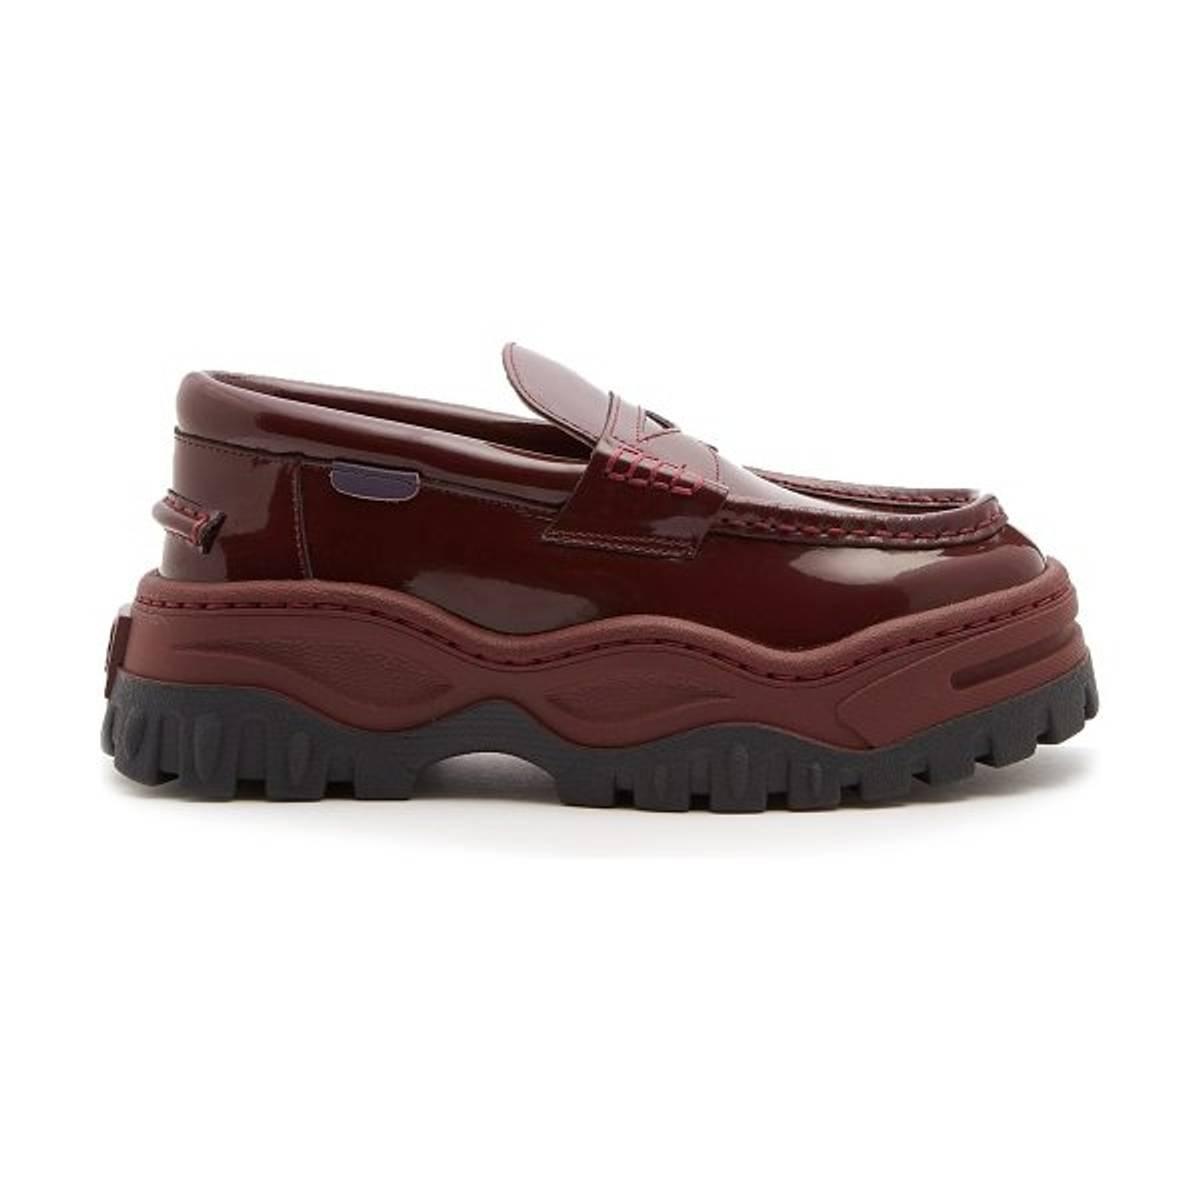 edf1f434196 Eytys Loafers